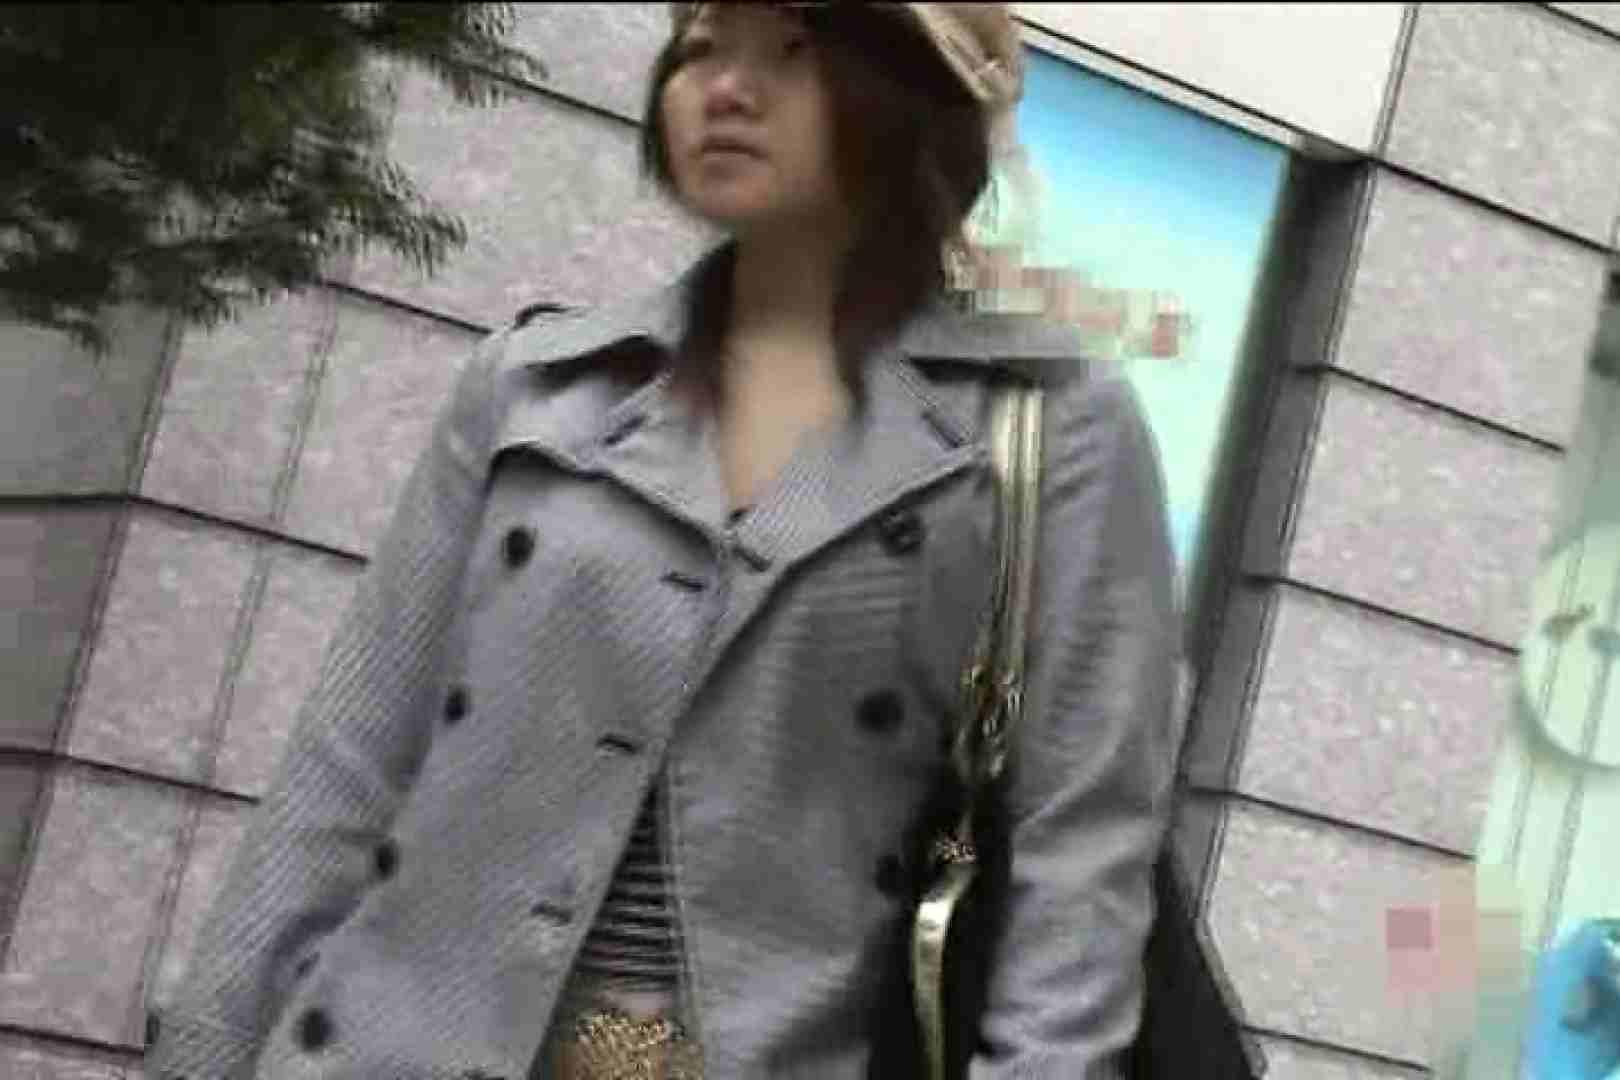 大胆露出胸チラギャル大量発生中!!Vol.3 車 オマンコ無修正動画無料 88pic 49